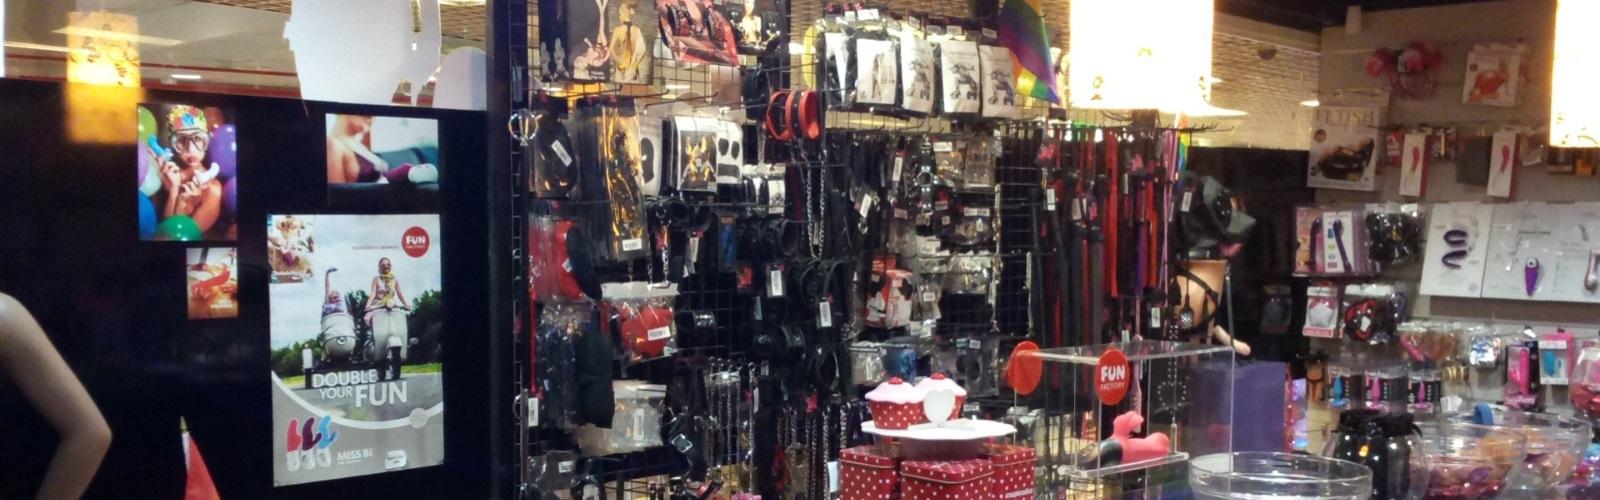 תמונה של חנות סקס מבפנים. החנות שלנו פאן סטאף בתמונה מתוך החנות, אפשר לראות שלל אביזרי מין ומבחר גדול של צעצועים למבוגרים.